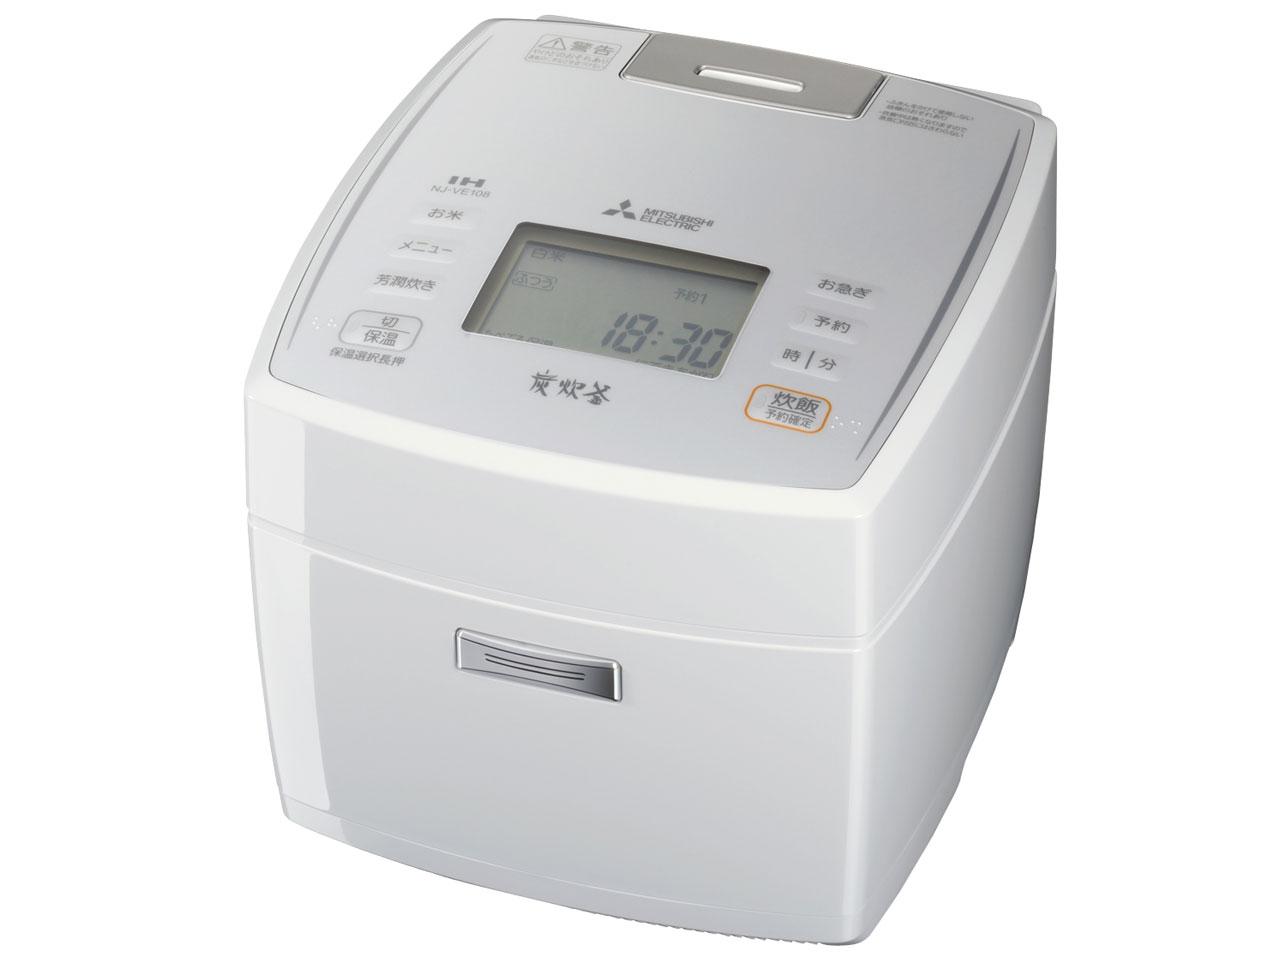 NJ-VE108 備長炭 炭炊釜 三菱電機【送料無料】【新品】